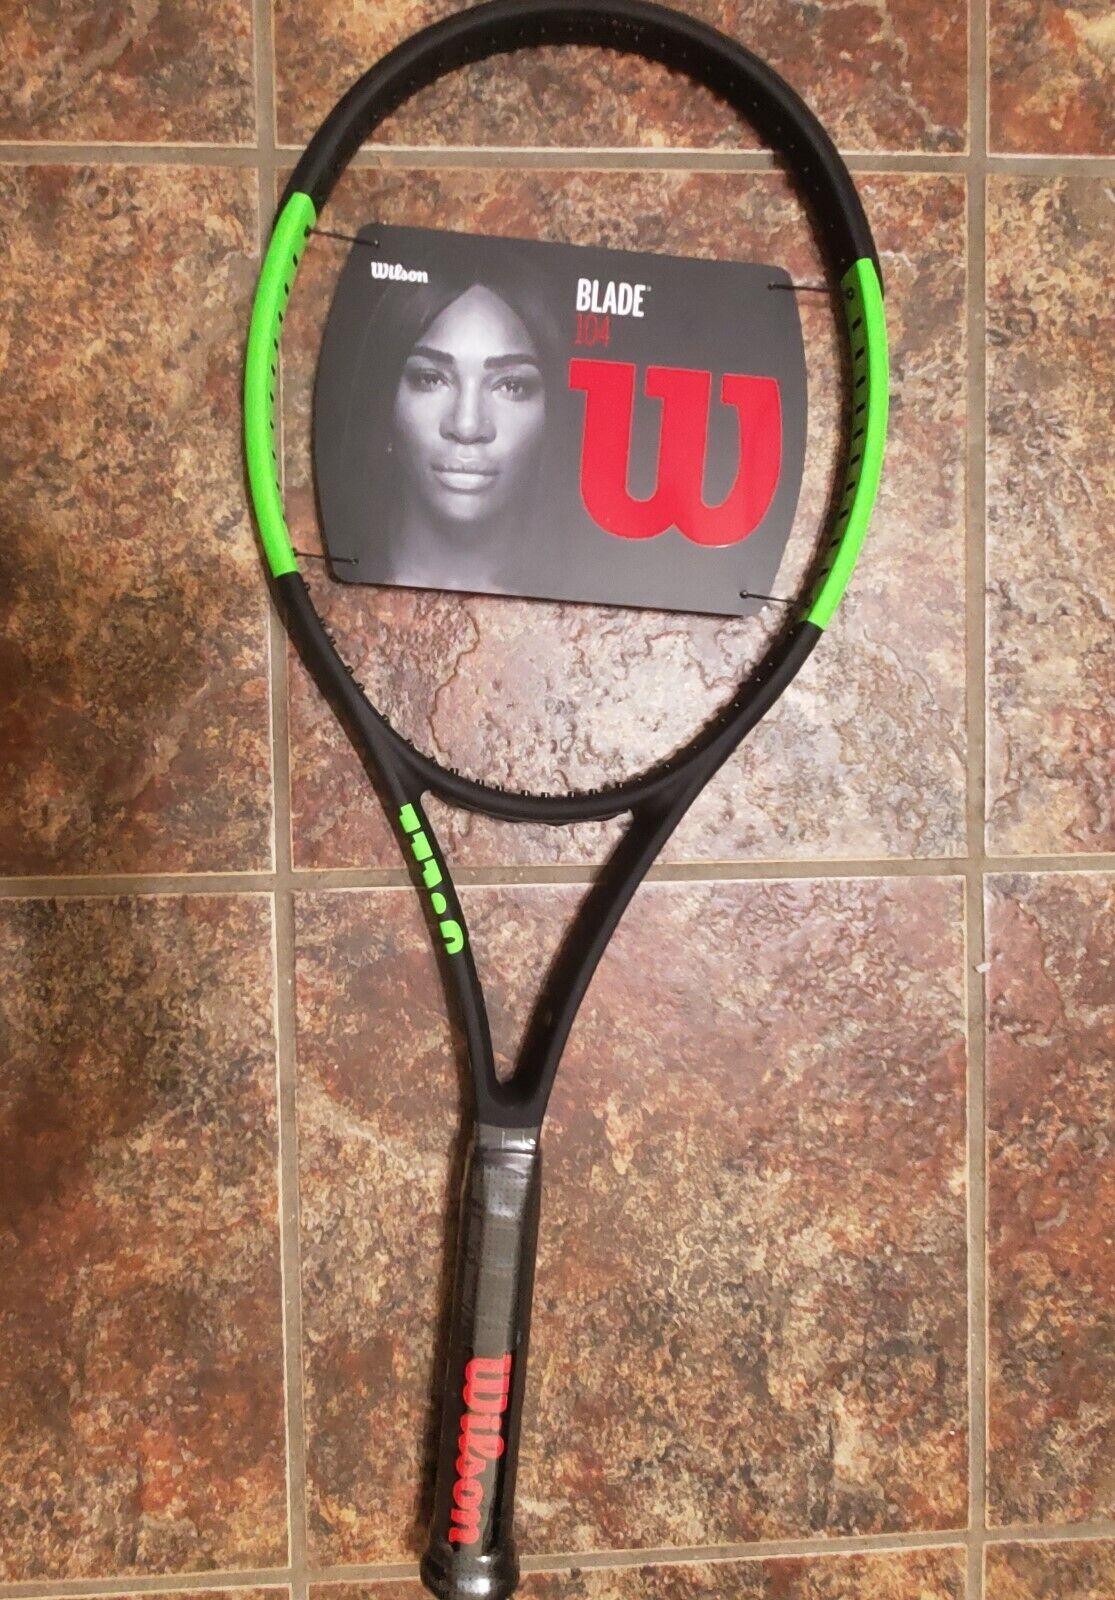 Nuevas Tenis  Wilson Blade 104 18X19 Smart Sensor Listo verde sobre negro 4 1 4 Serena  a precios asequibles